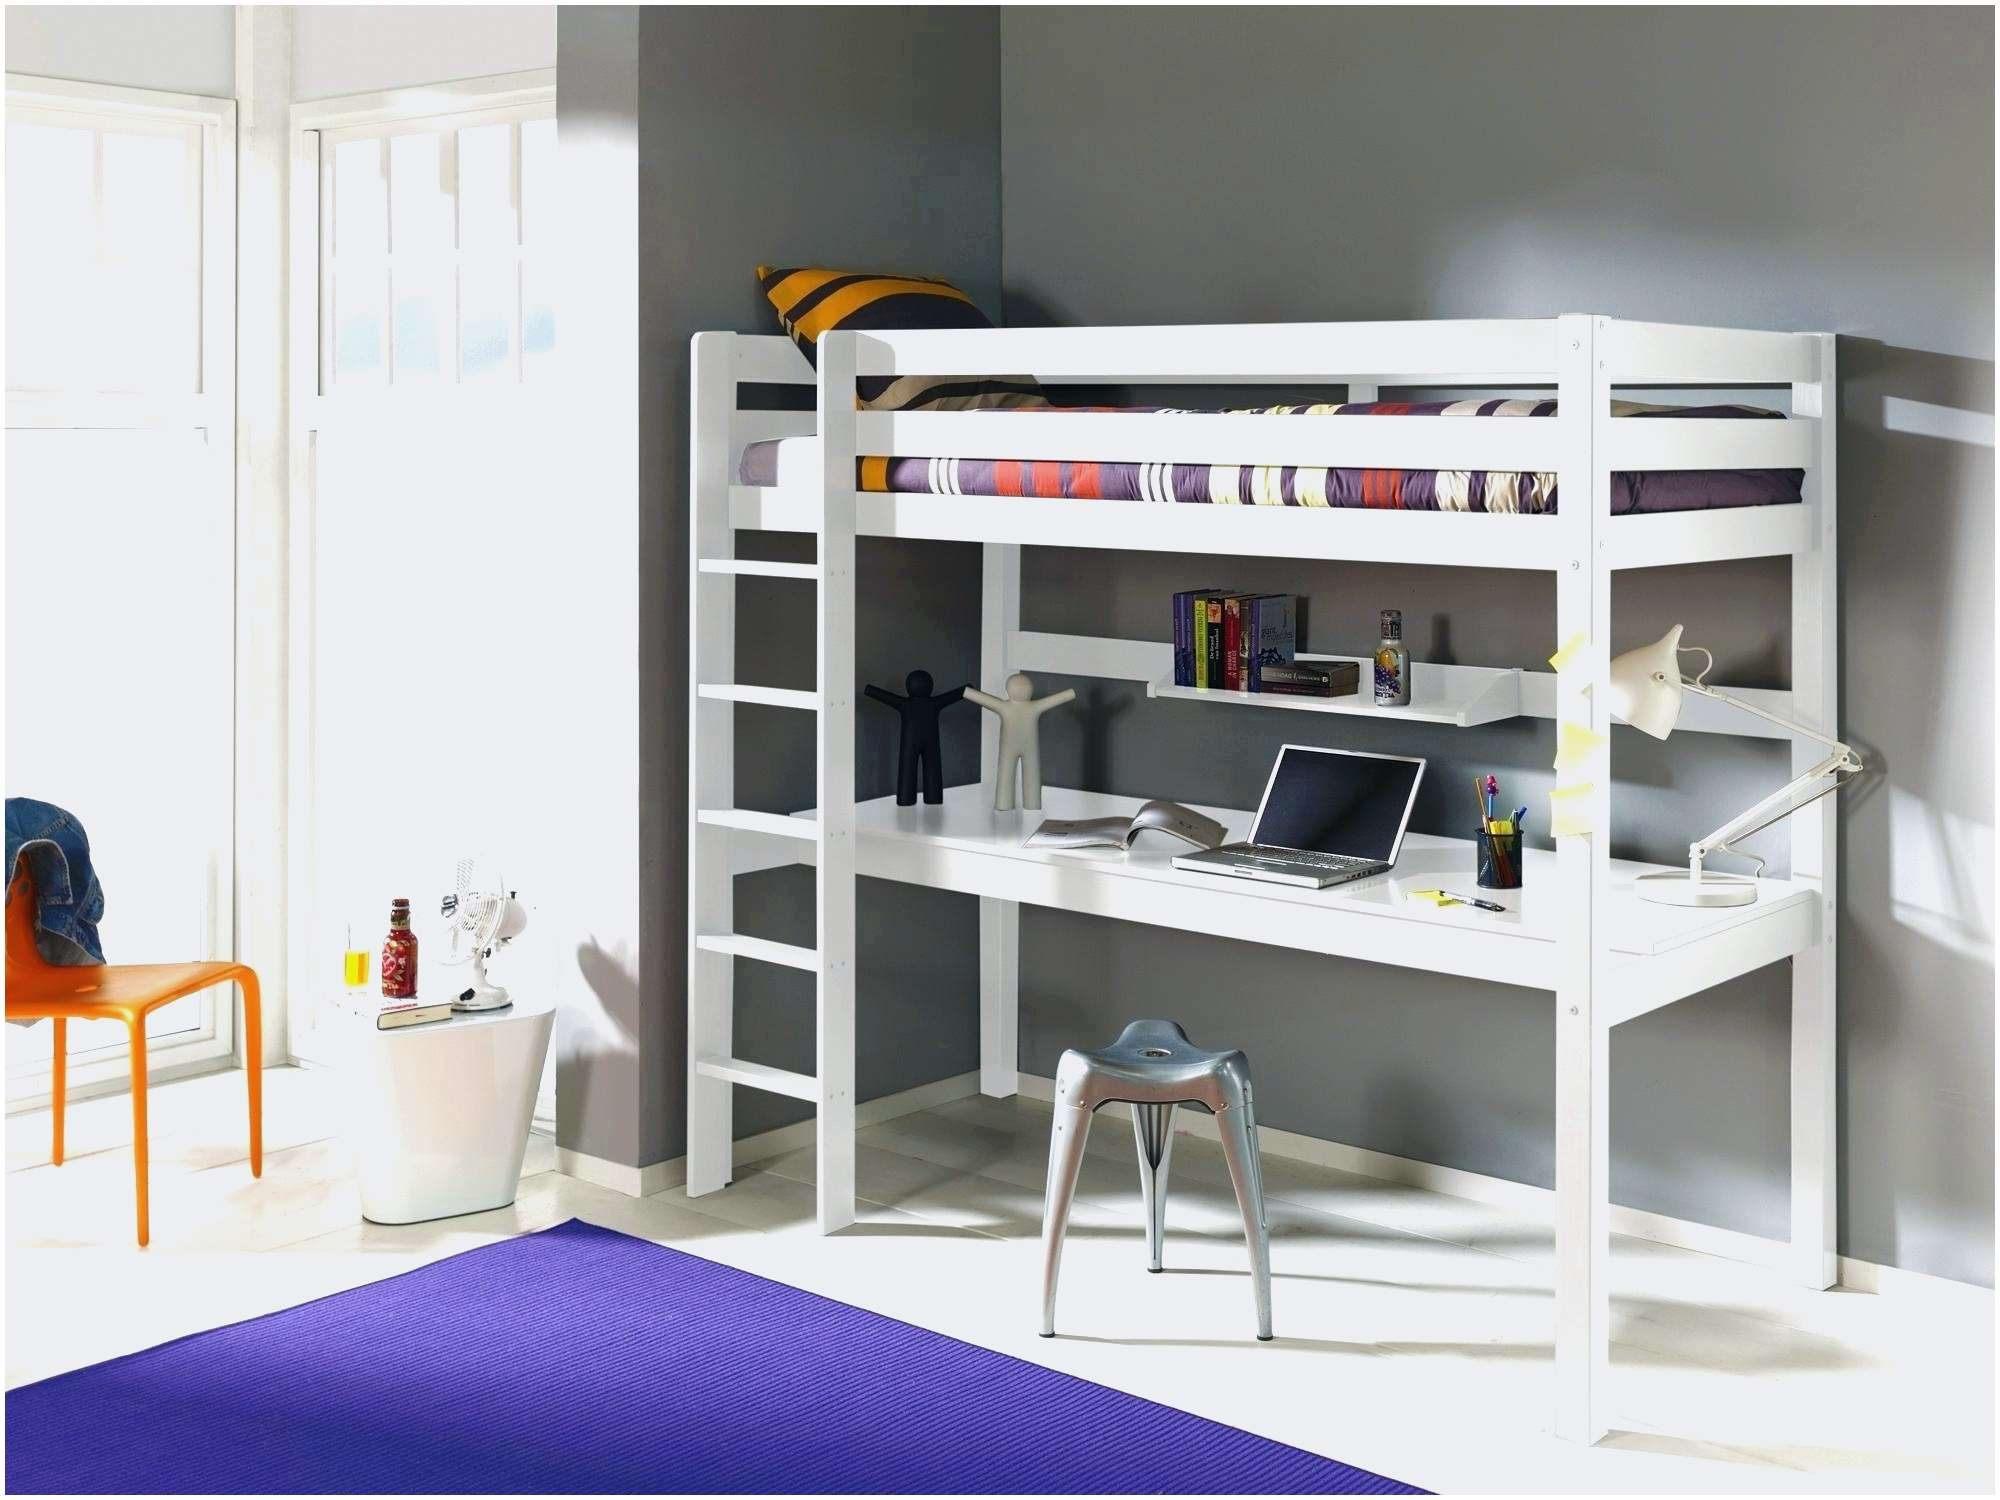 Lit Ado Pas Cher Magnifique 57 Mezzanine Ado Concept Jongor4hire